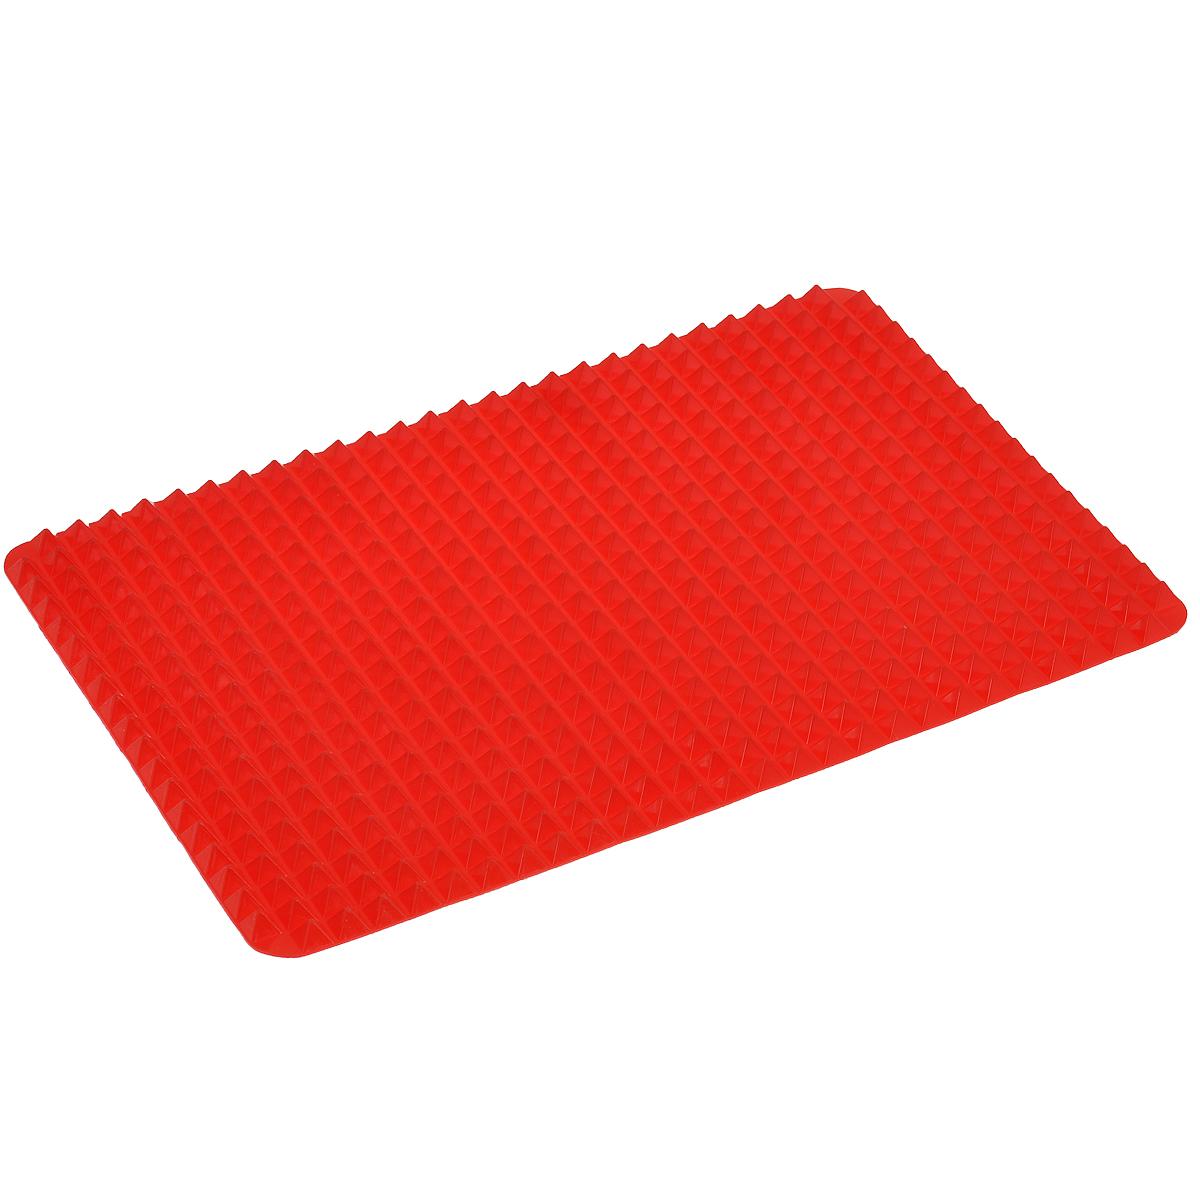 Коврик силиконовый Bradex Пирамида, цвет: красный, 41 х 29 смFS-91909Силиконовый коврик Bradex Пирамида поможет приготовить вкусную и здоровую пищу. Благодаря специальной форме коврика лишний жир стекает вниз, оставаясь на коврике, а не на стенках Вашей посуды. С силиконовым ковриком Вы значительно сократите количество потребляемых калорий, не меняя диеты. Горячий воздух свободно циркулирует между пиками пирамиды, сокращая время готовки и не давая пище пригорать. Силиконовый коврик не пахнет при нагревании и легко отмывается. Чтобы питаться правильно, не обязательно отказываться от любимых блюд. Главное их правильно готовить! С силиконовым ковриком Вы сможете наслаждаться любимыми блюдами, не опасаясь за свое здоровье. Подходит для приготовления луковых колец, рыбы и чипсов, сосисок, пиццы, мяса. Можно мыть в посудомоечной машине и использовать в микроволновой печи. Выдерживает температуру до 220°С.